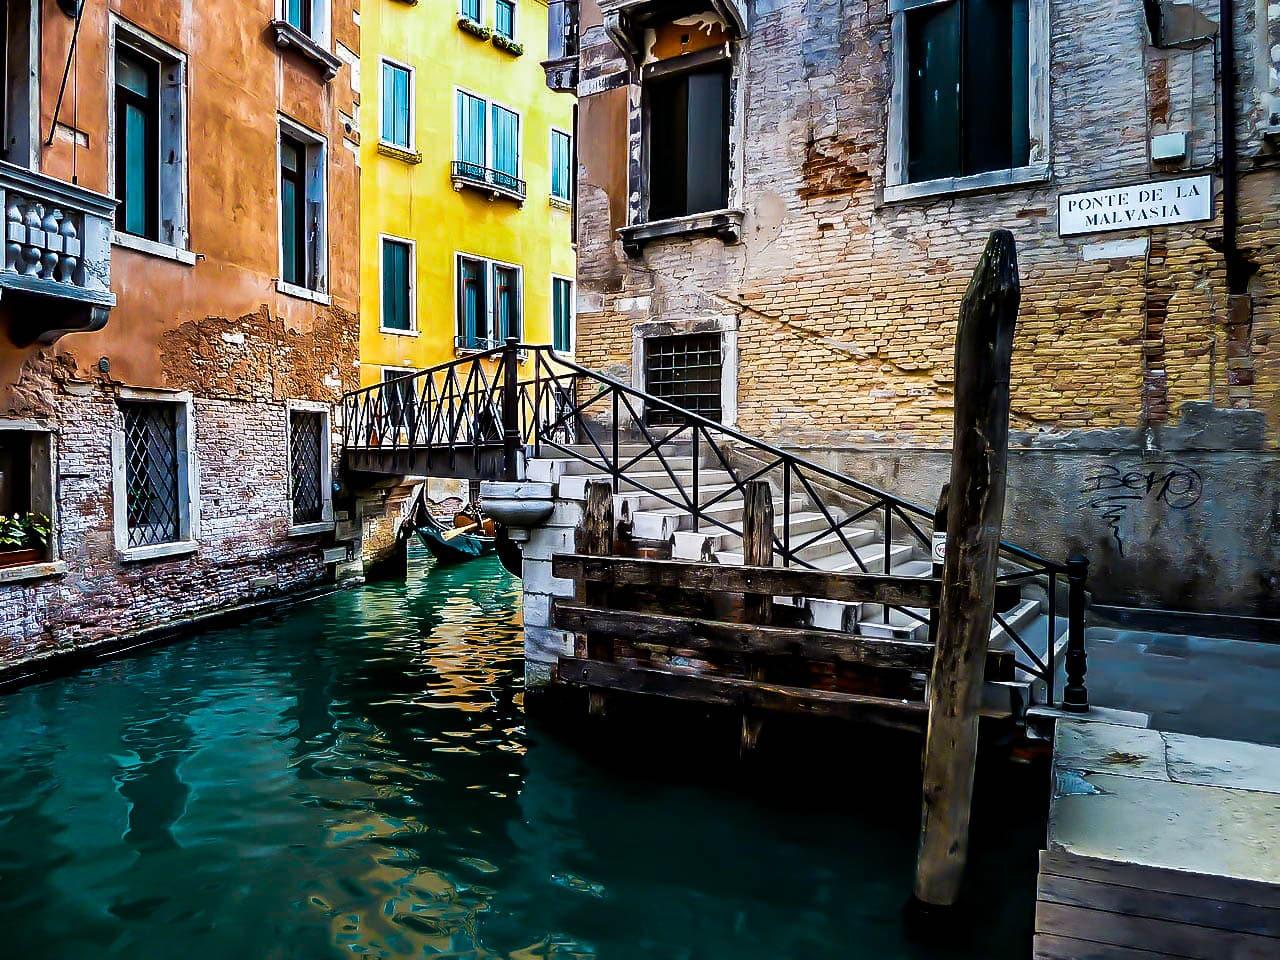 Ponte della malavasia Venise.